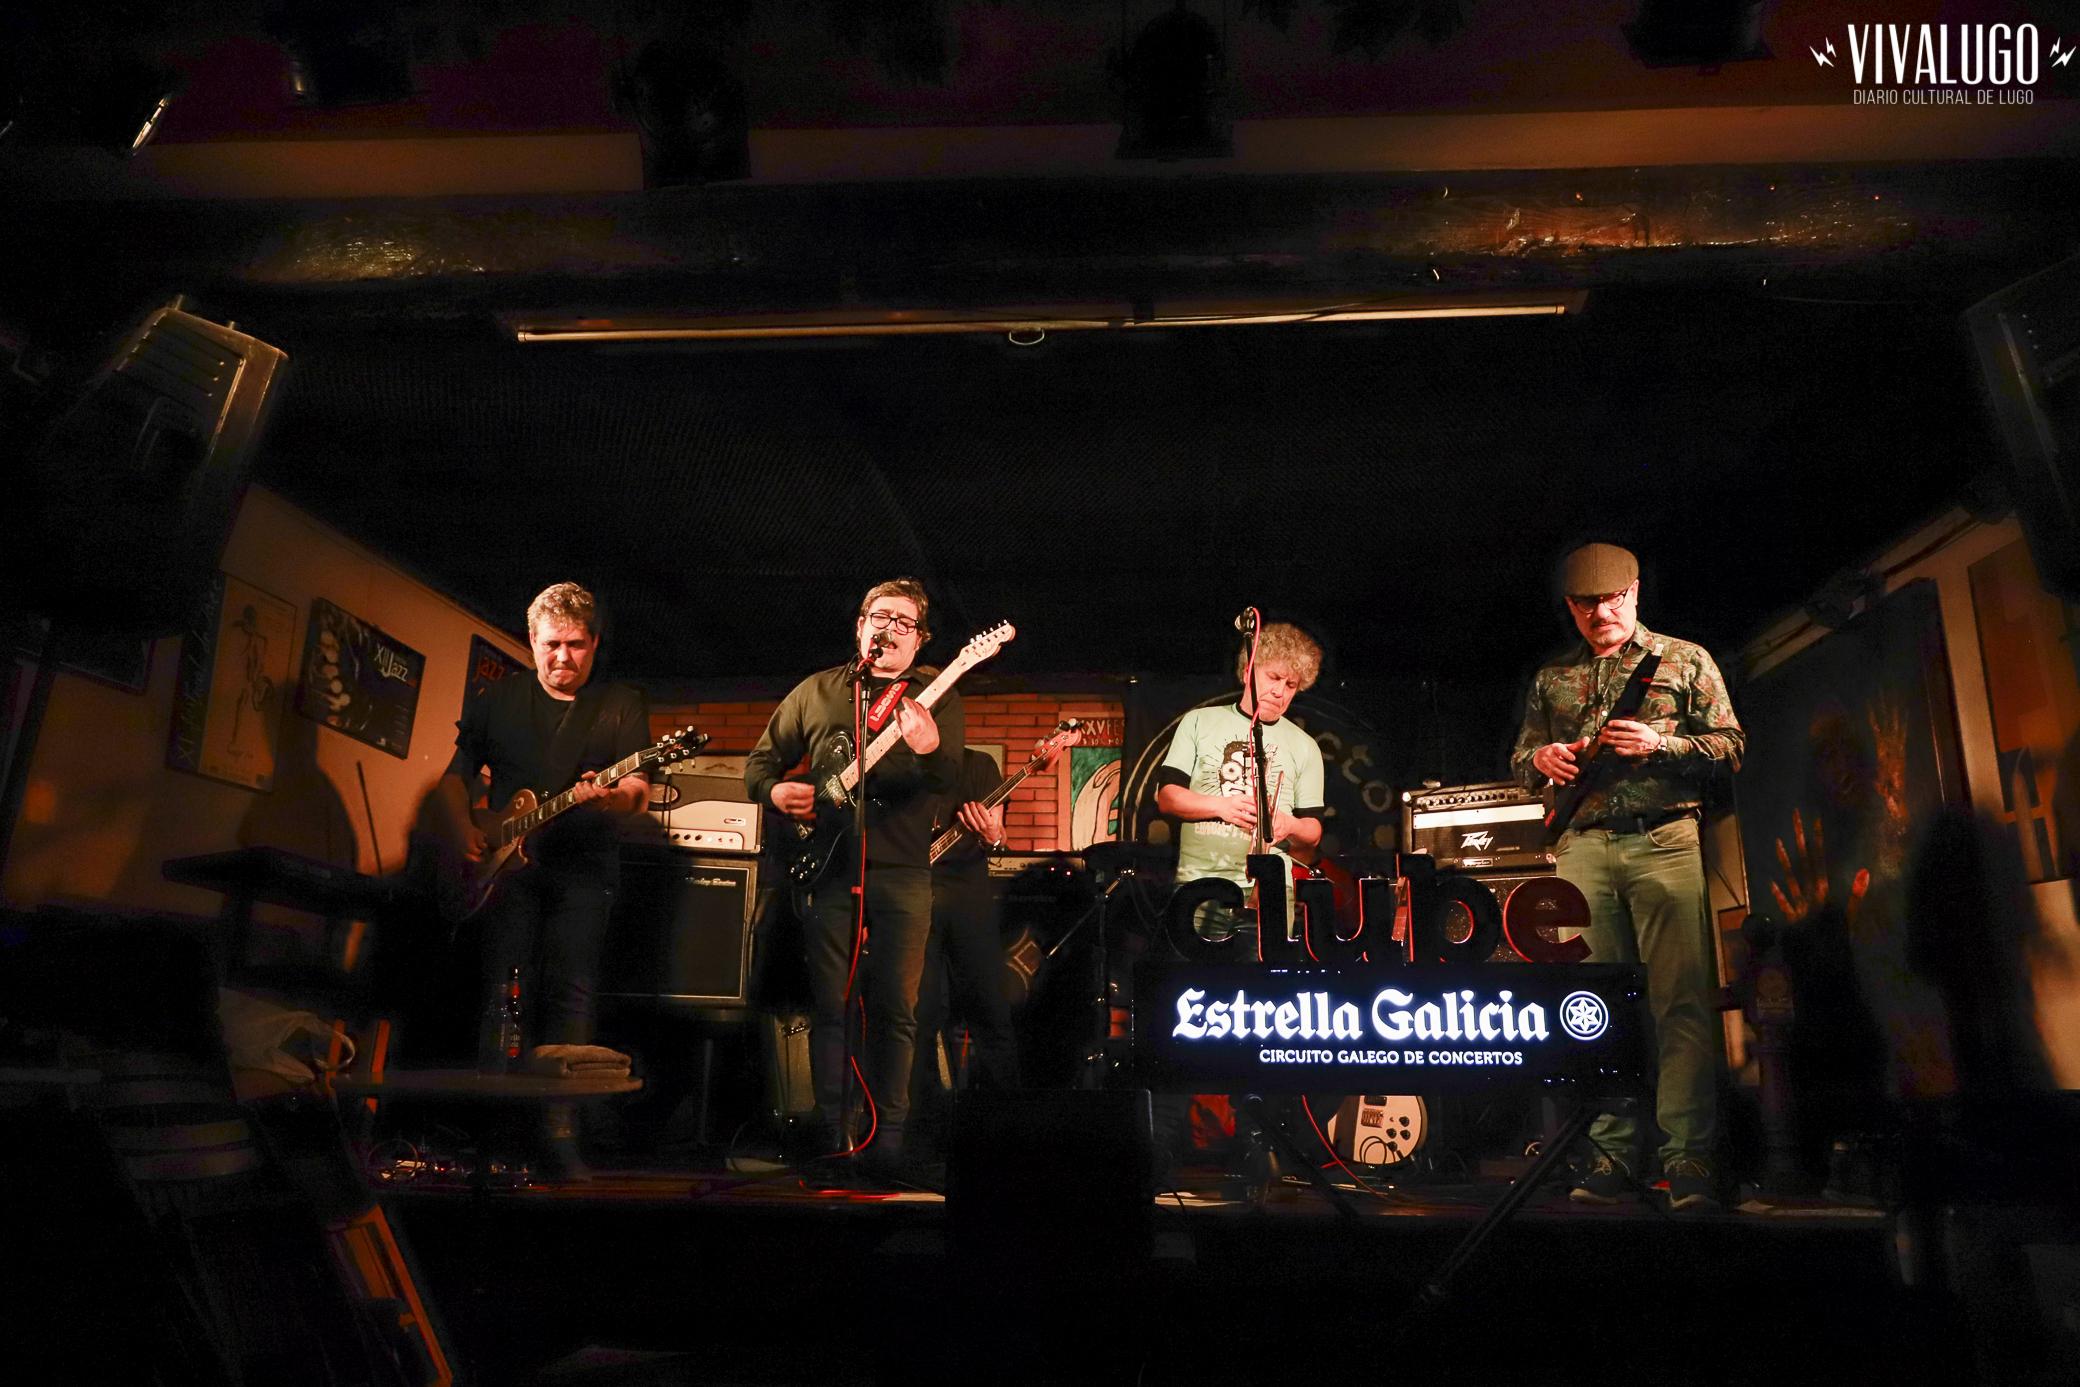 Fotografía de Frying Luras en concerto no Club Clavicémbalo de Lugo